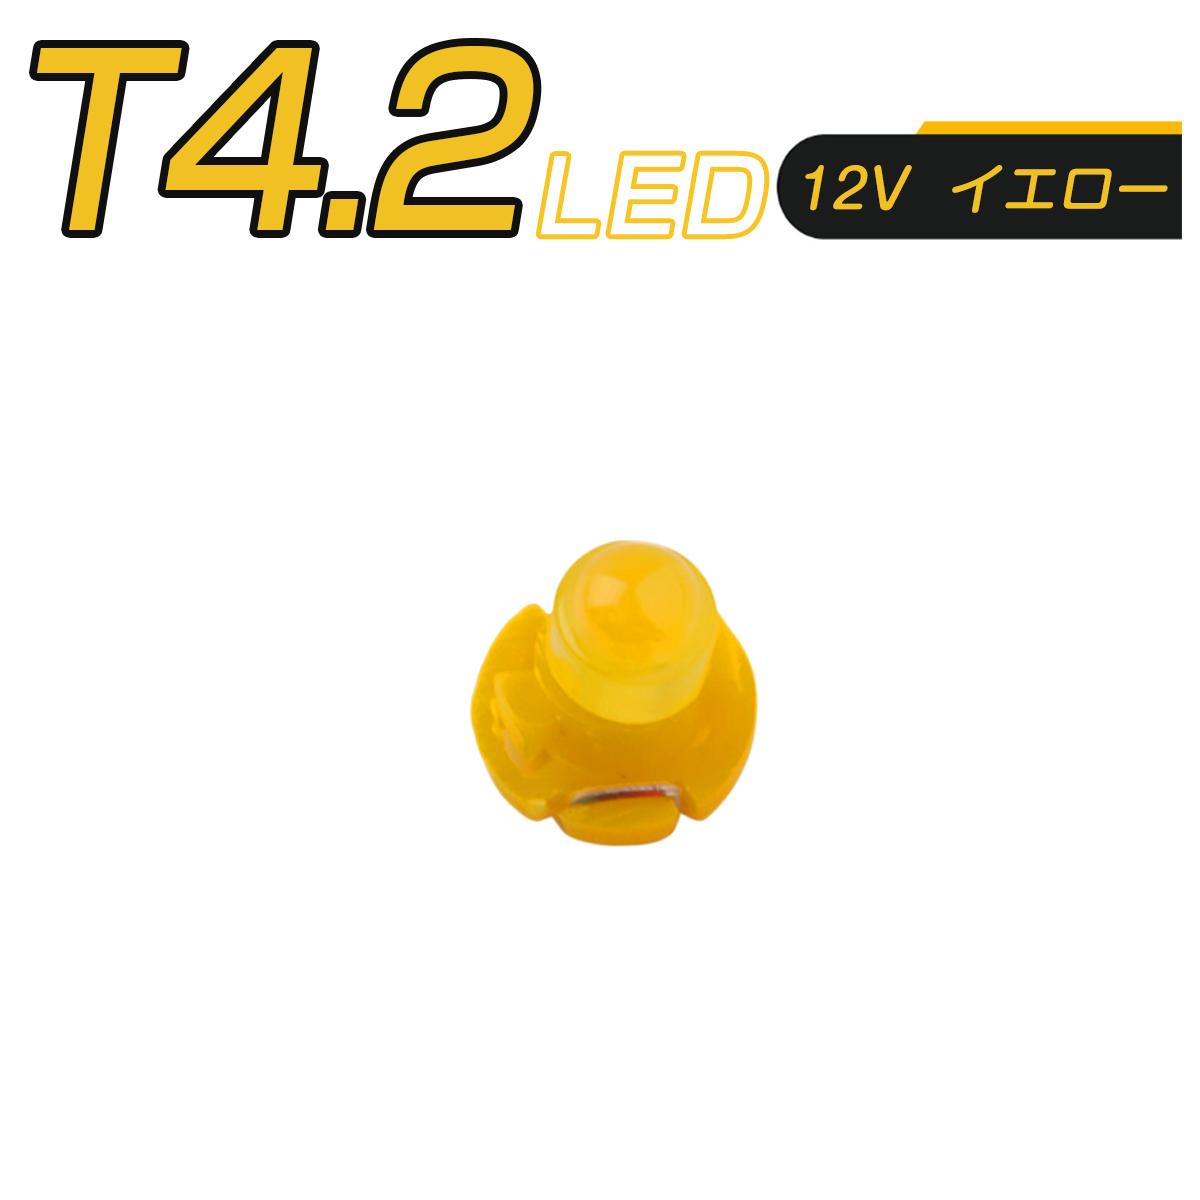 LED T4.2 SMD 黄 メーター球 タコランプ インジケーター エアコンパネル 超拡散 全面発光 2個セット SDM便送料無料 1ヶ月保証